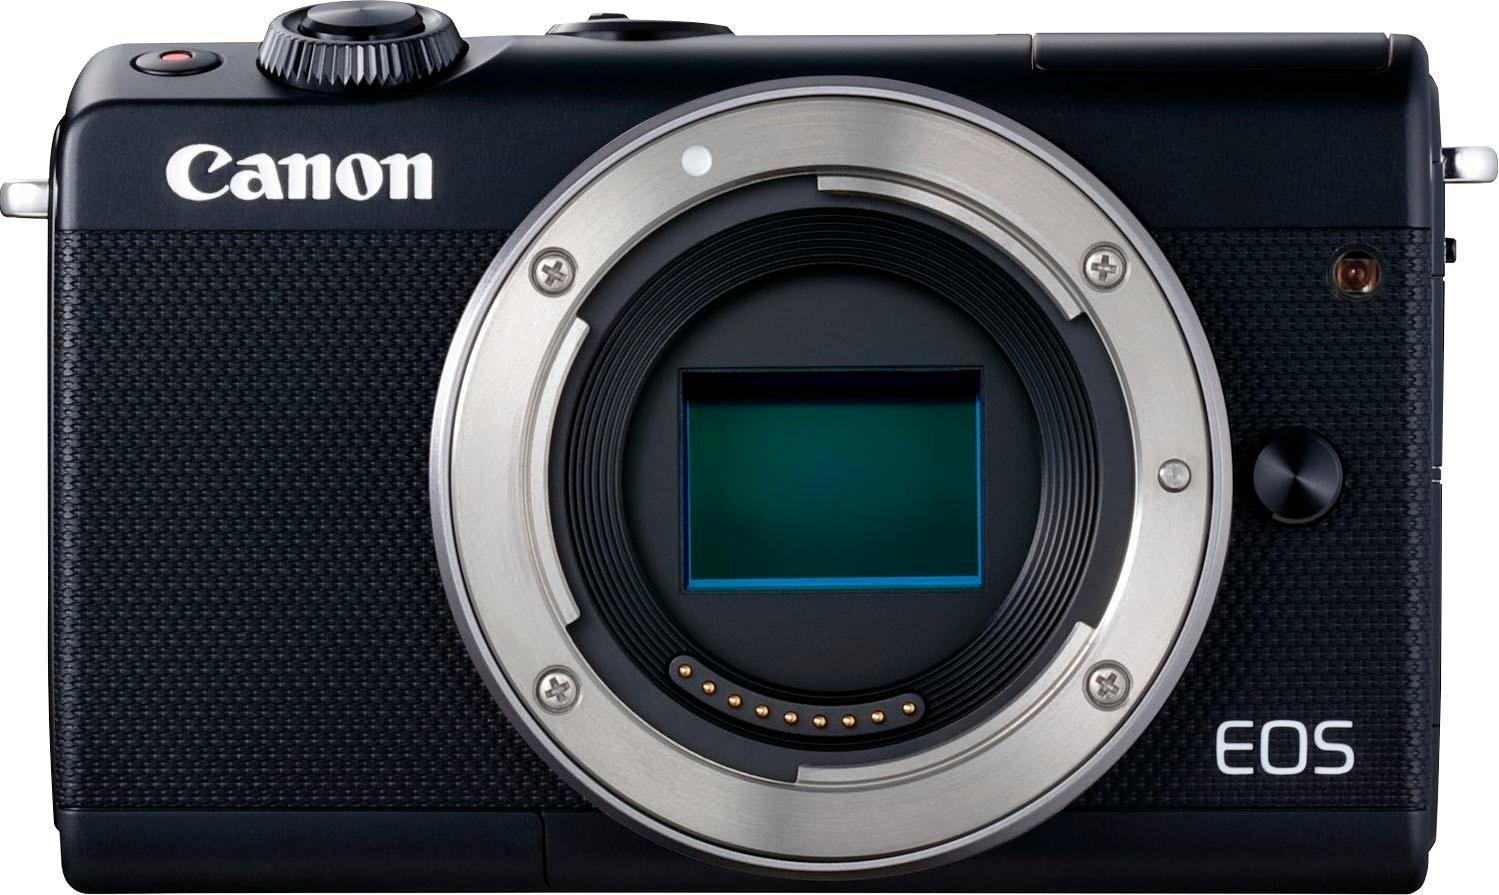 Canon »EOS-M100« systeemcamera (Canon EF-M 15-45 mm IS STM, 24,2 MP, wifi (wifi) NFC bluetooth) bestellen: 14 dagen bedenktijd